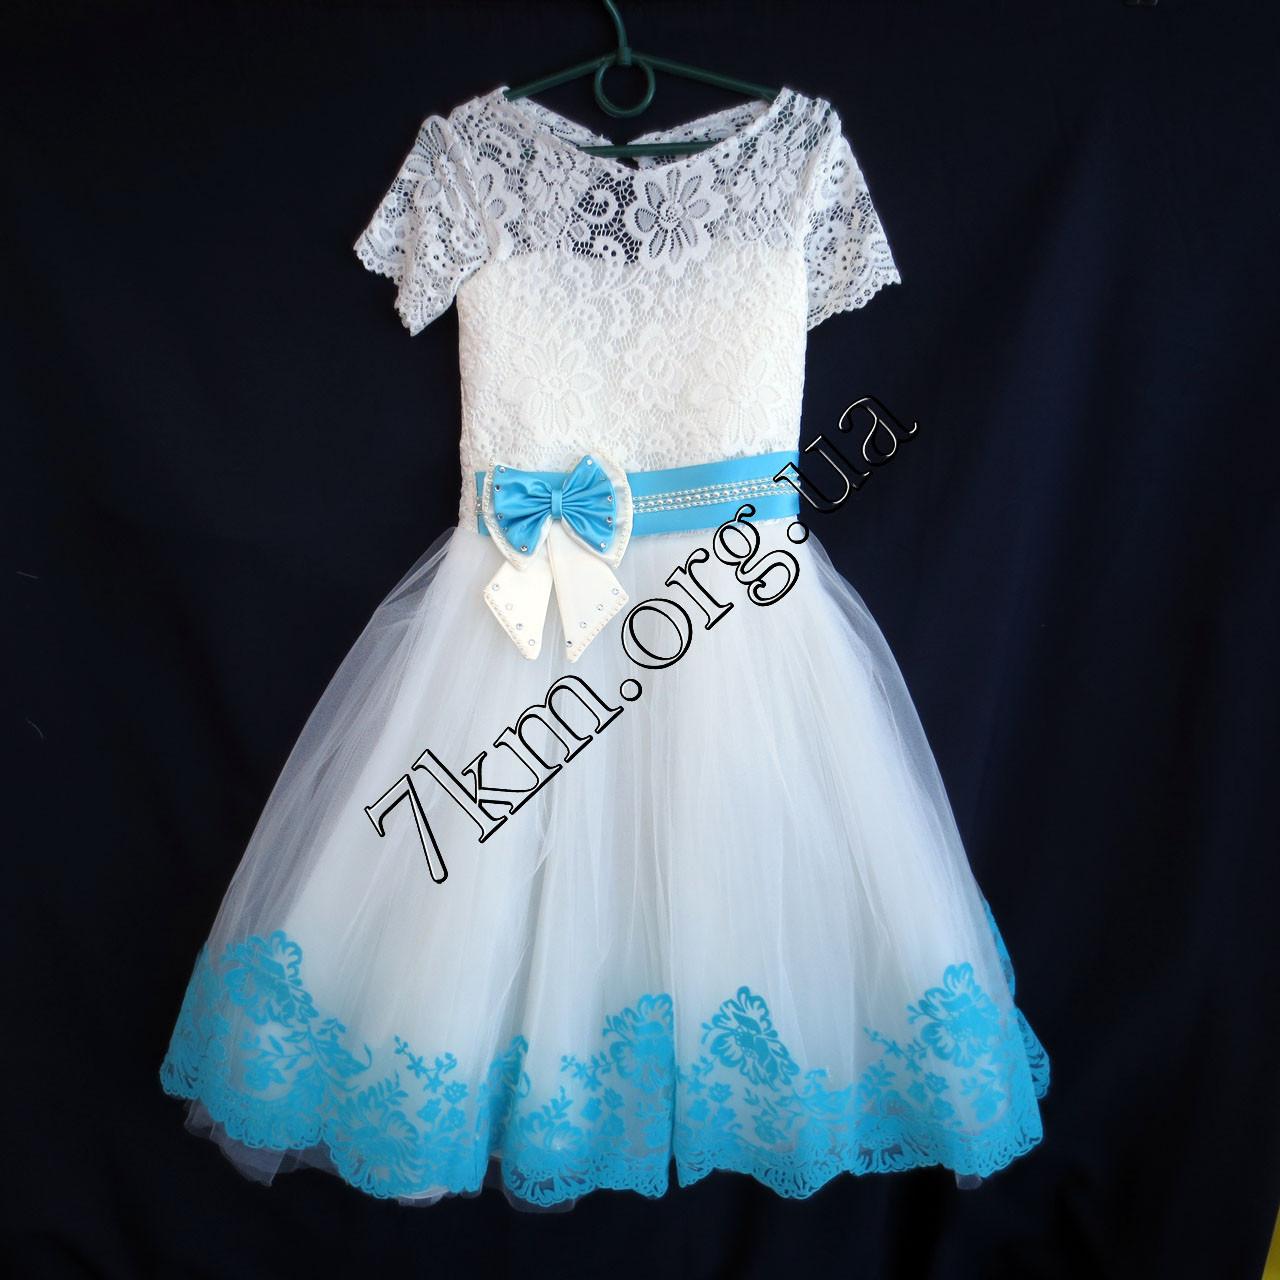 Платье нарядное бальное детское 6 лет Бархат голубое Украина оптом.